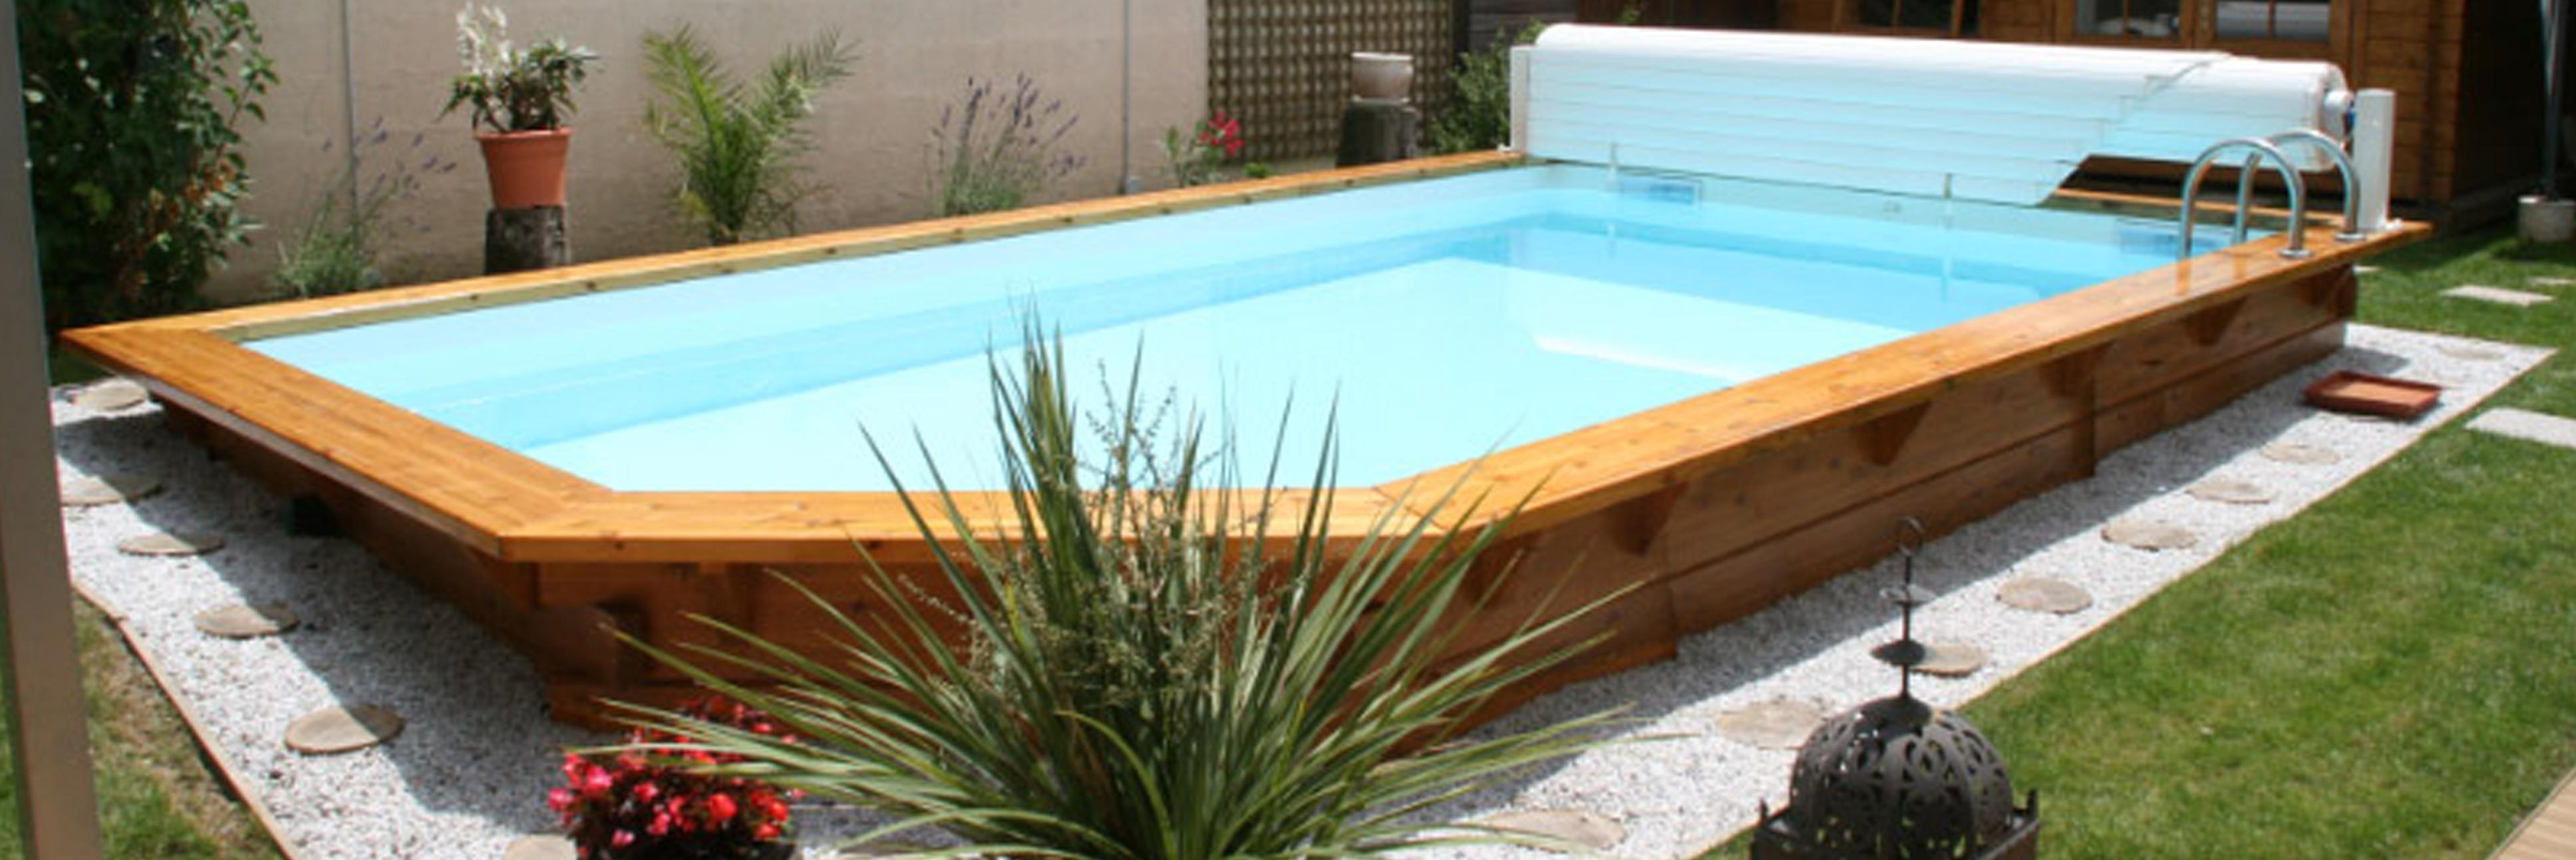 Piscines concept bois am nagement d 39 espace de bien tre for Amenagement piscine bois